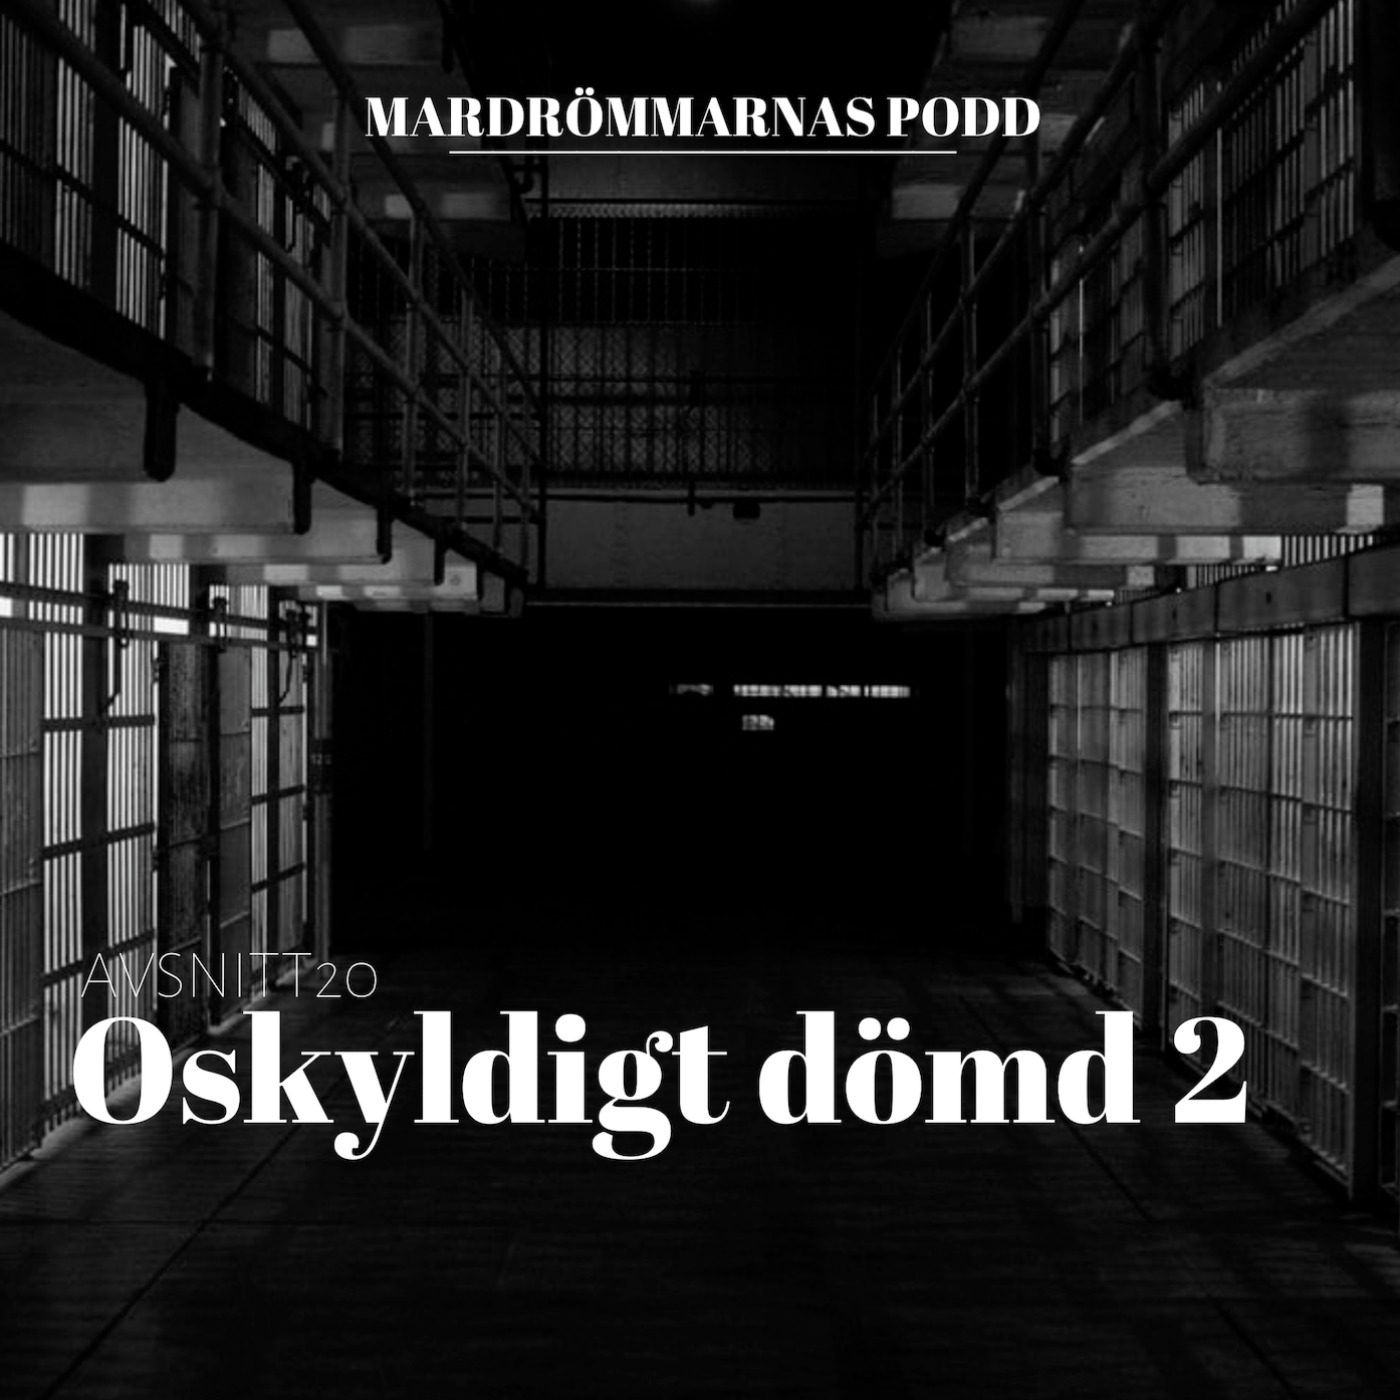 Oskyldigt dömd 2